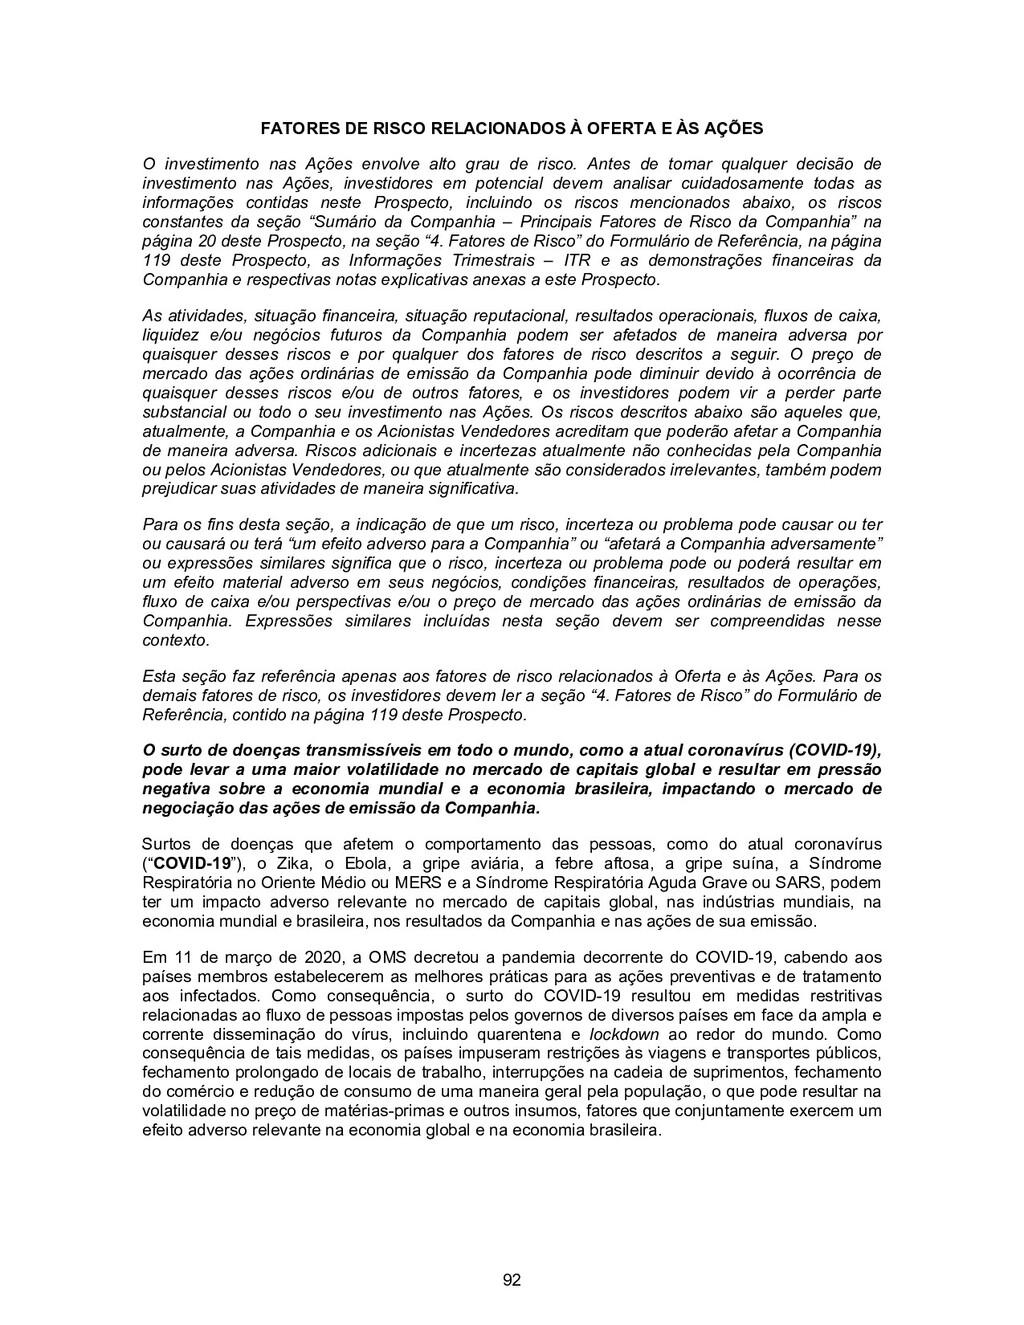 92 FATORES DE RISCO RELACIONADOS À OFERTA E ÀS ...